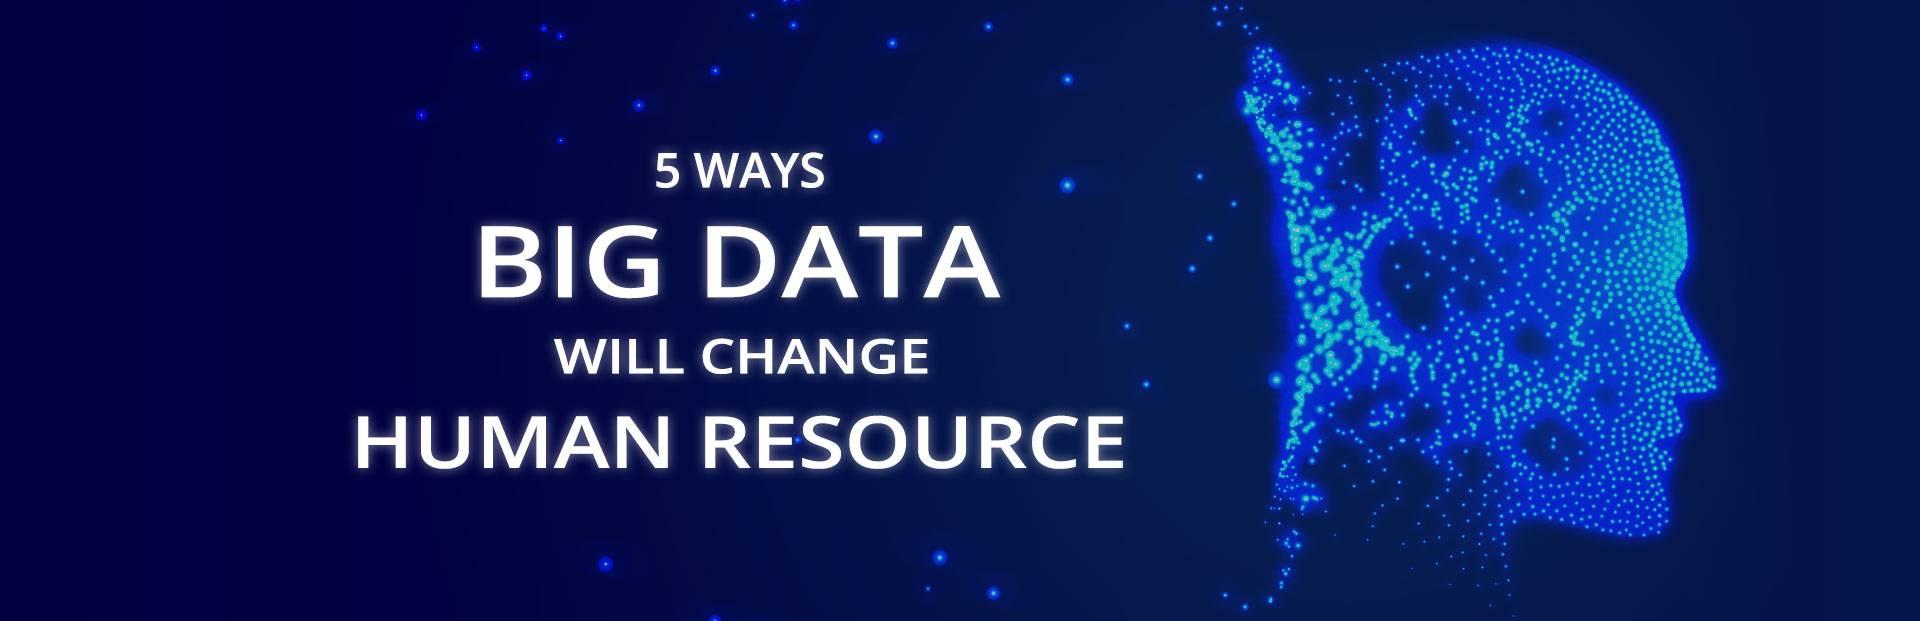 Big data, big data analytics